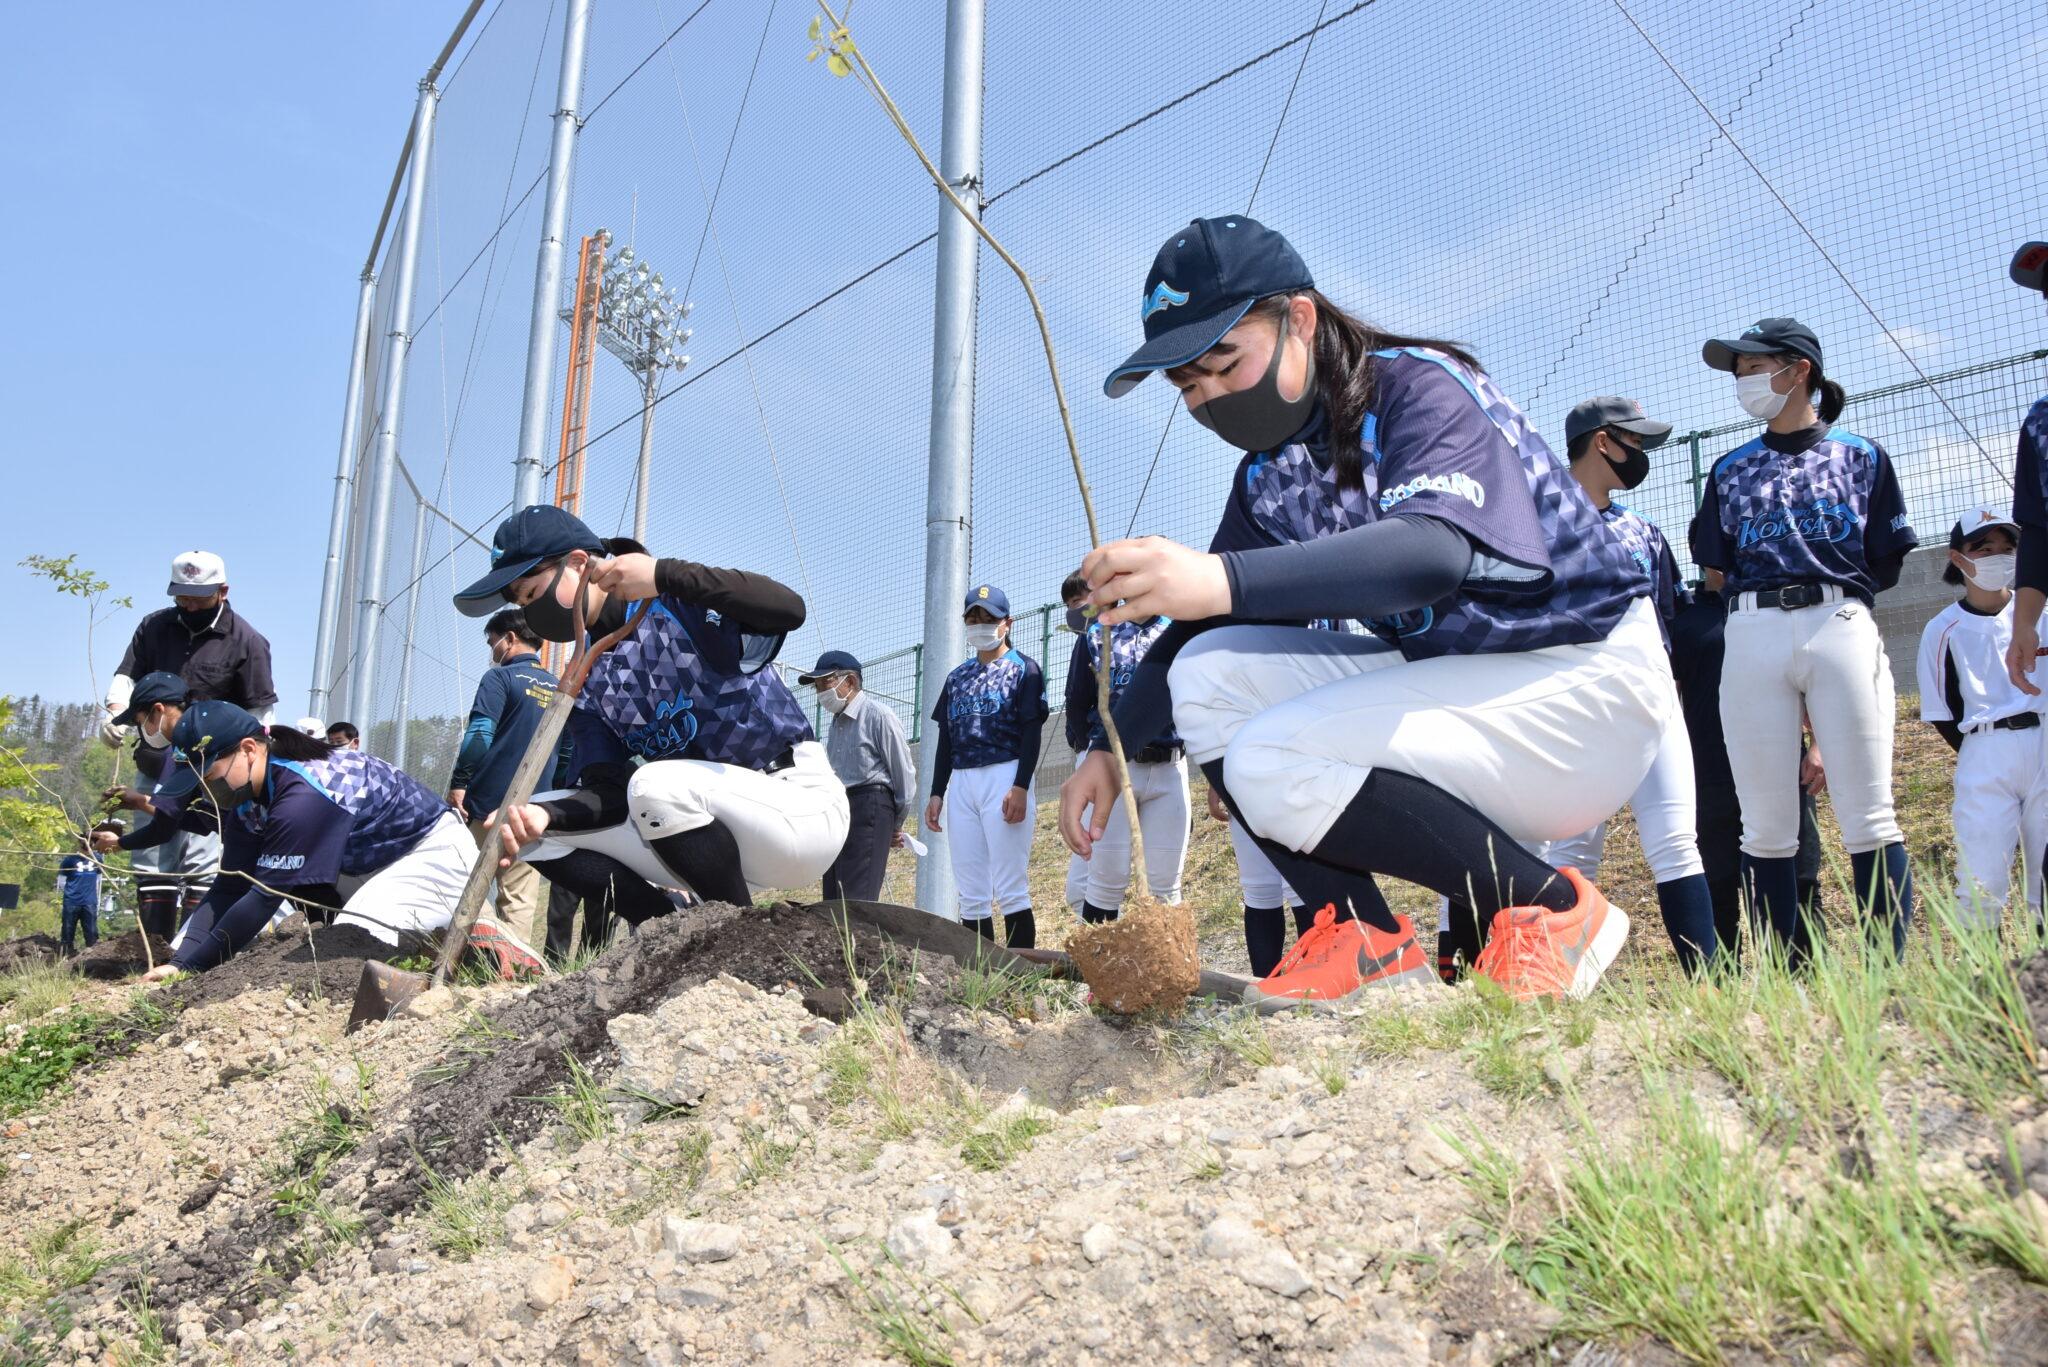 バットの原料アオダモを植樹 感染収束願い 松本国際高女子硬式野球部